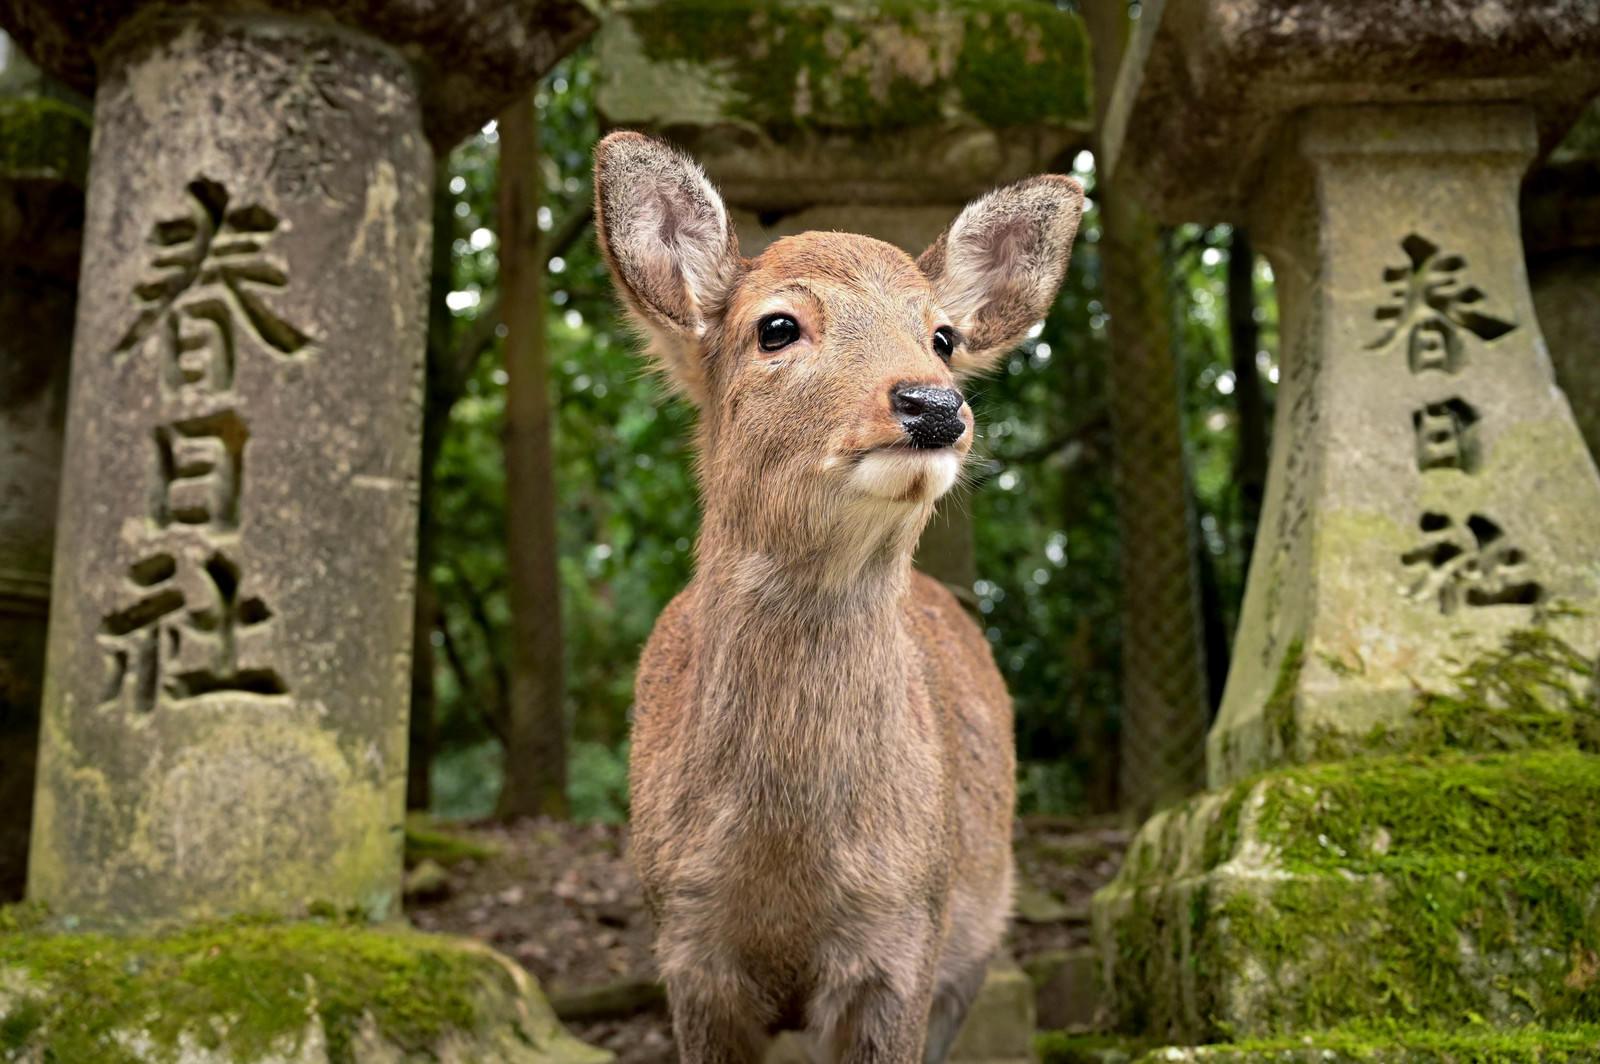 「鹿「せんべいくれんの?」」の写真